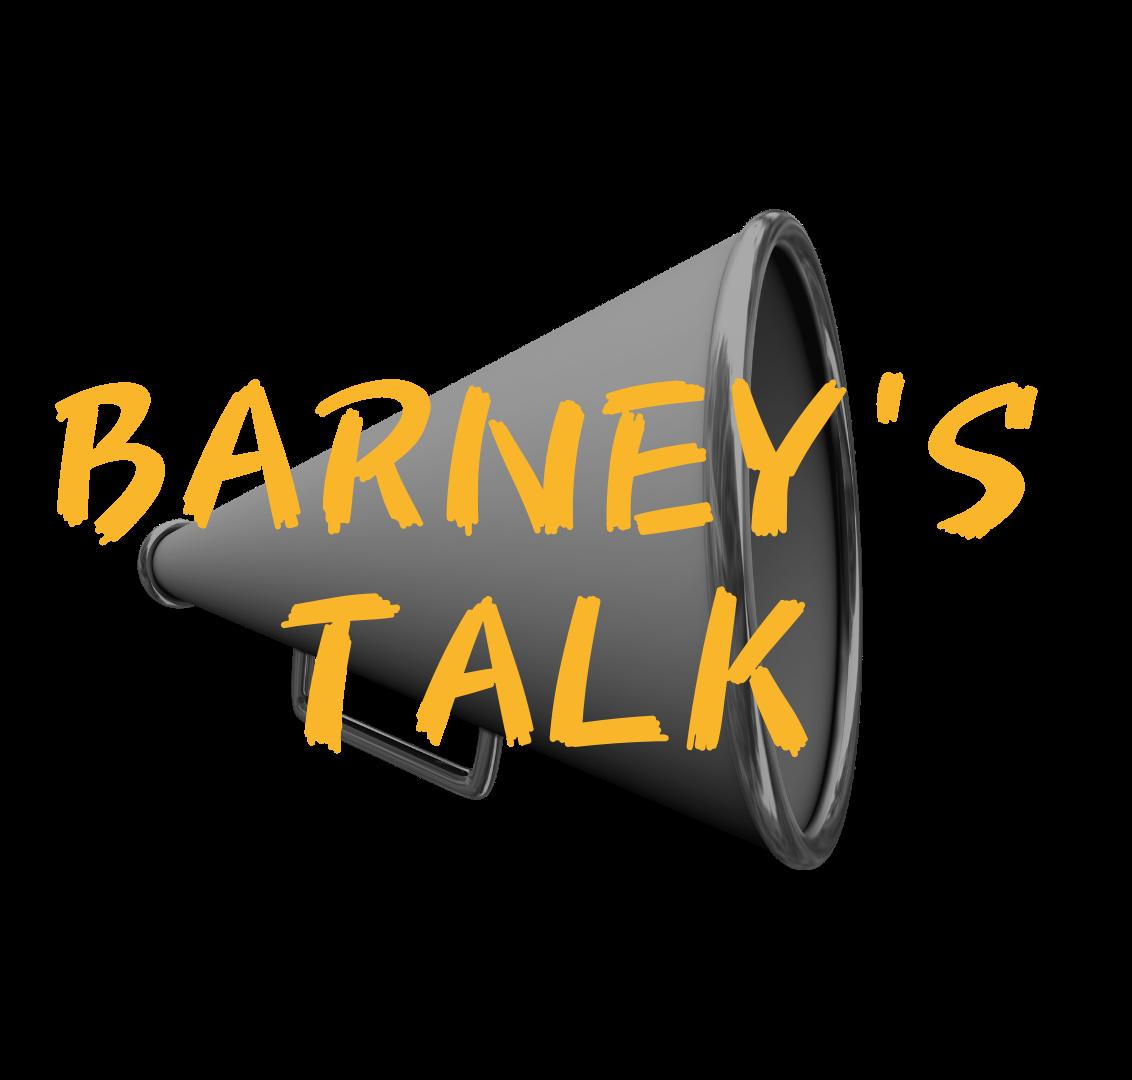 首頁- Barney's Talk